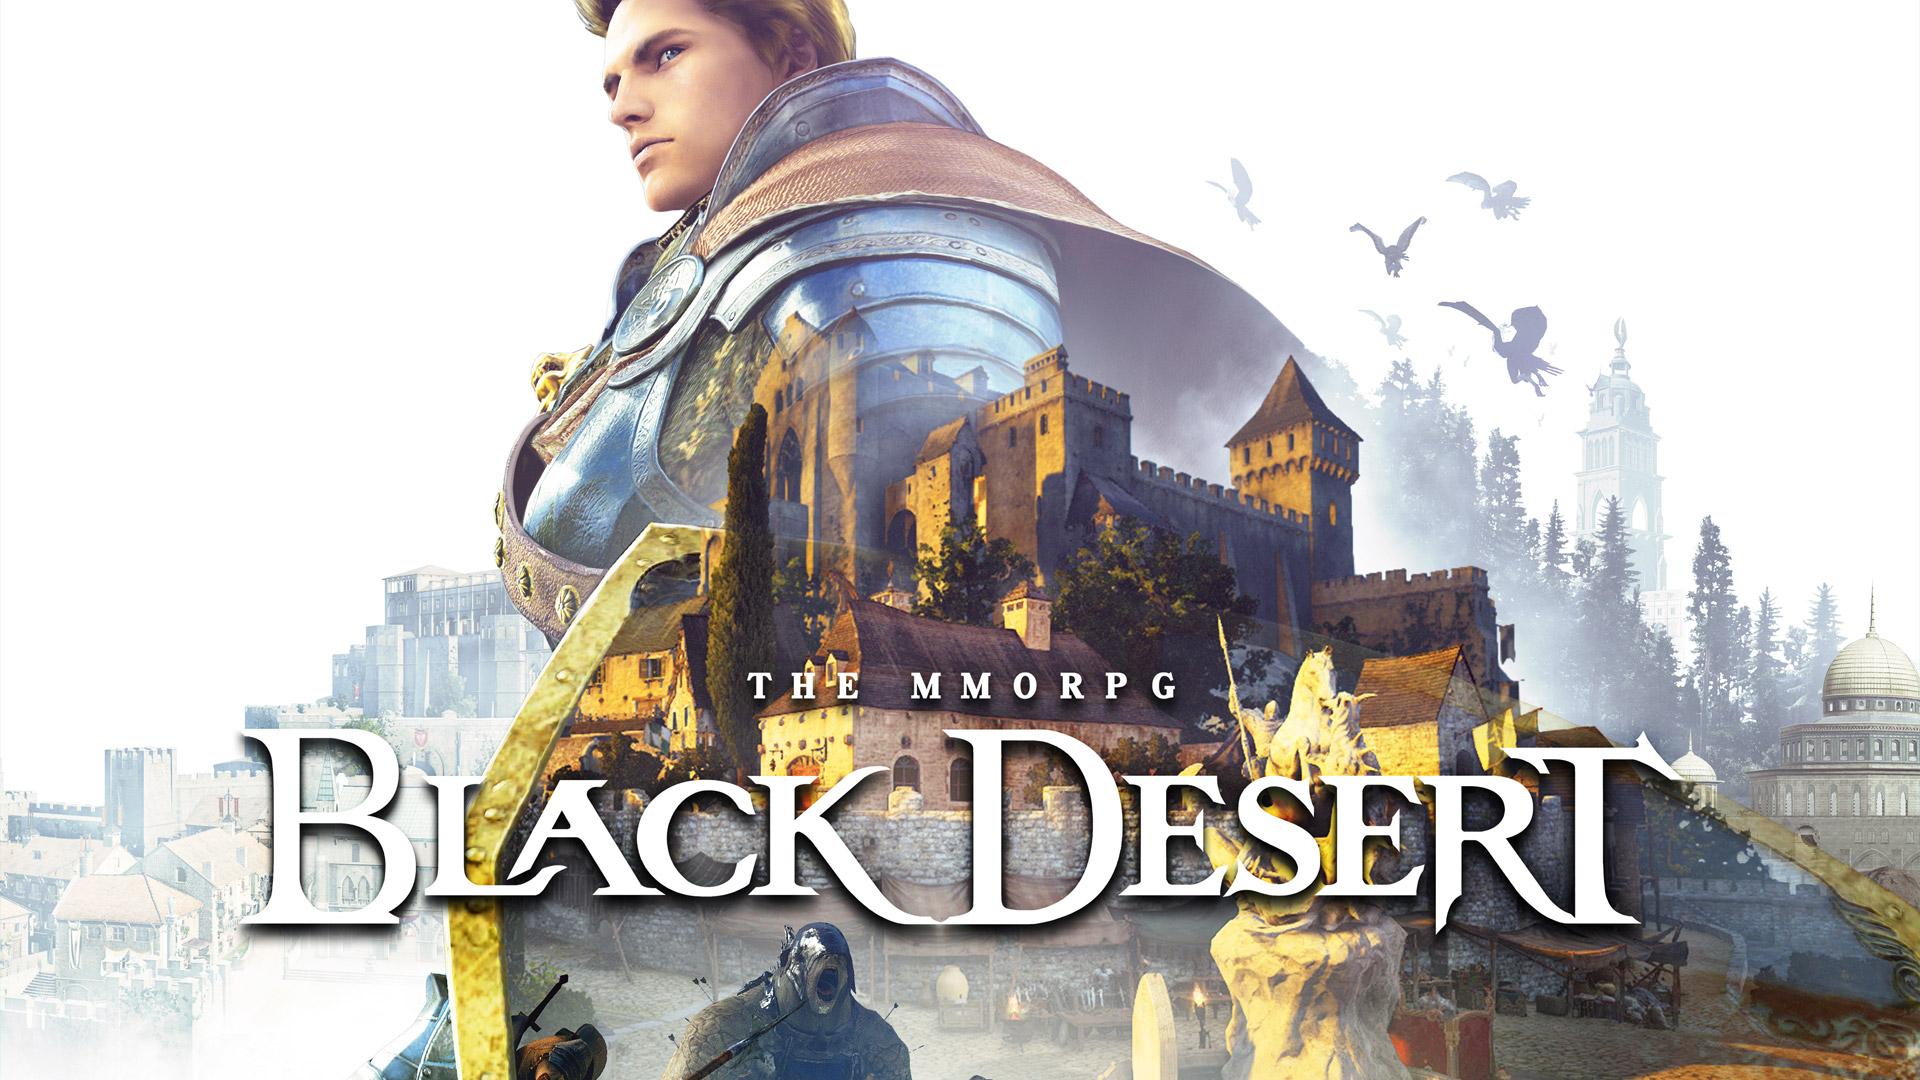 Black Desert Online Wallpaper in 1920x1080